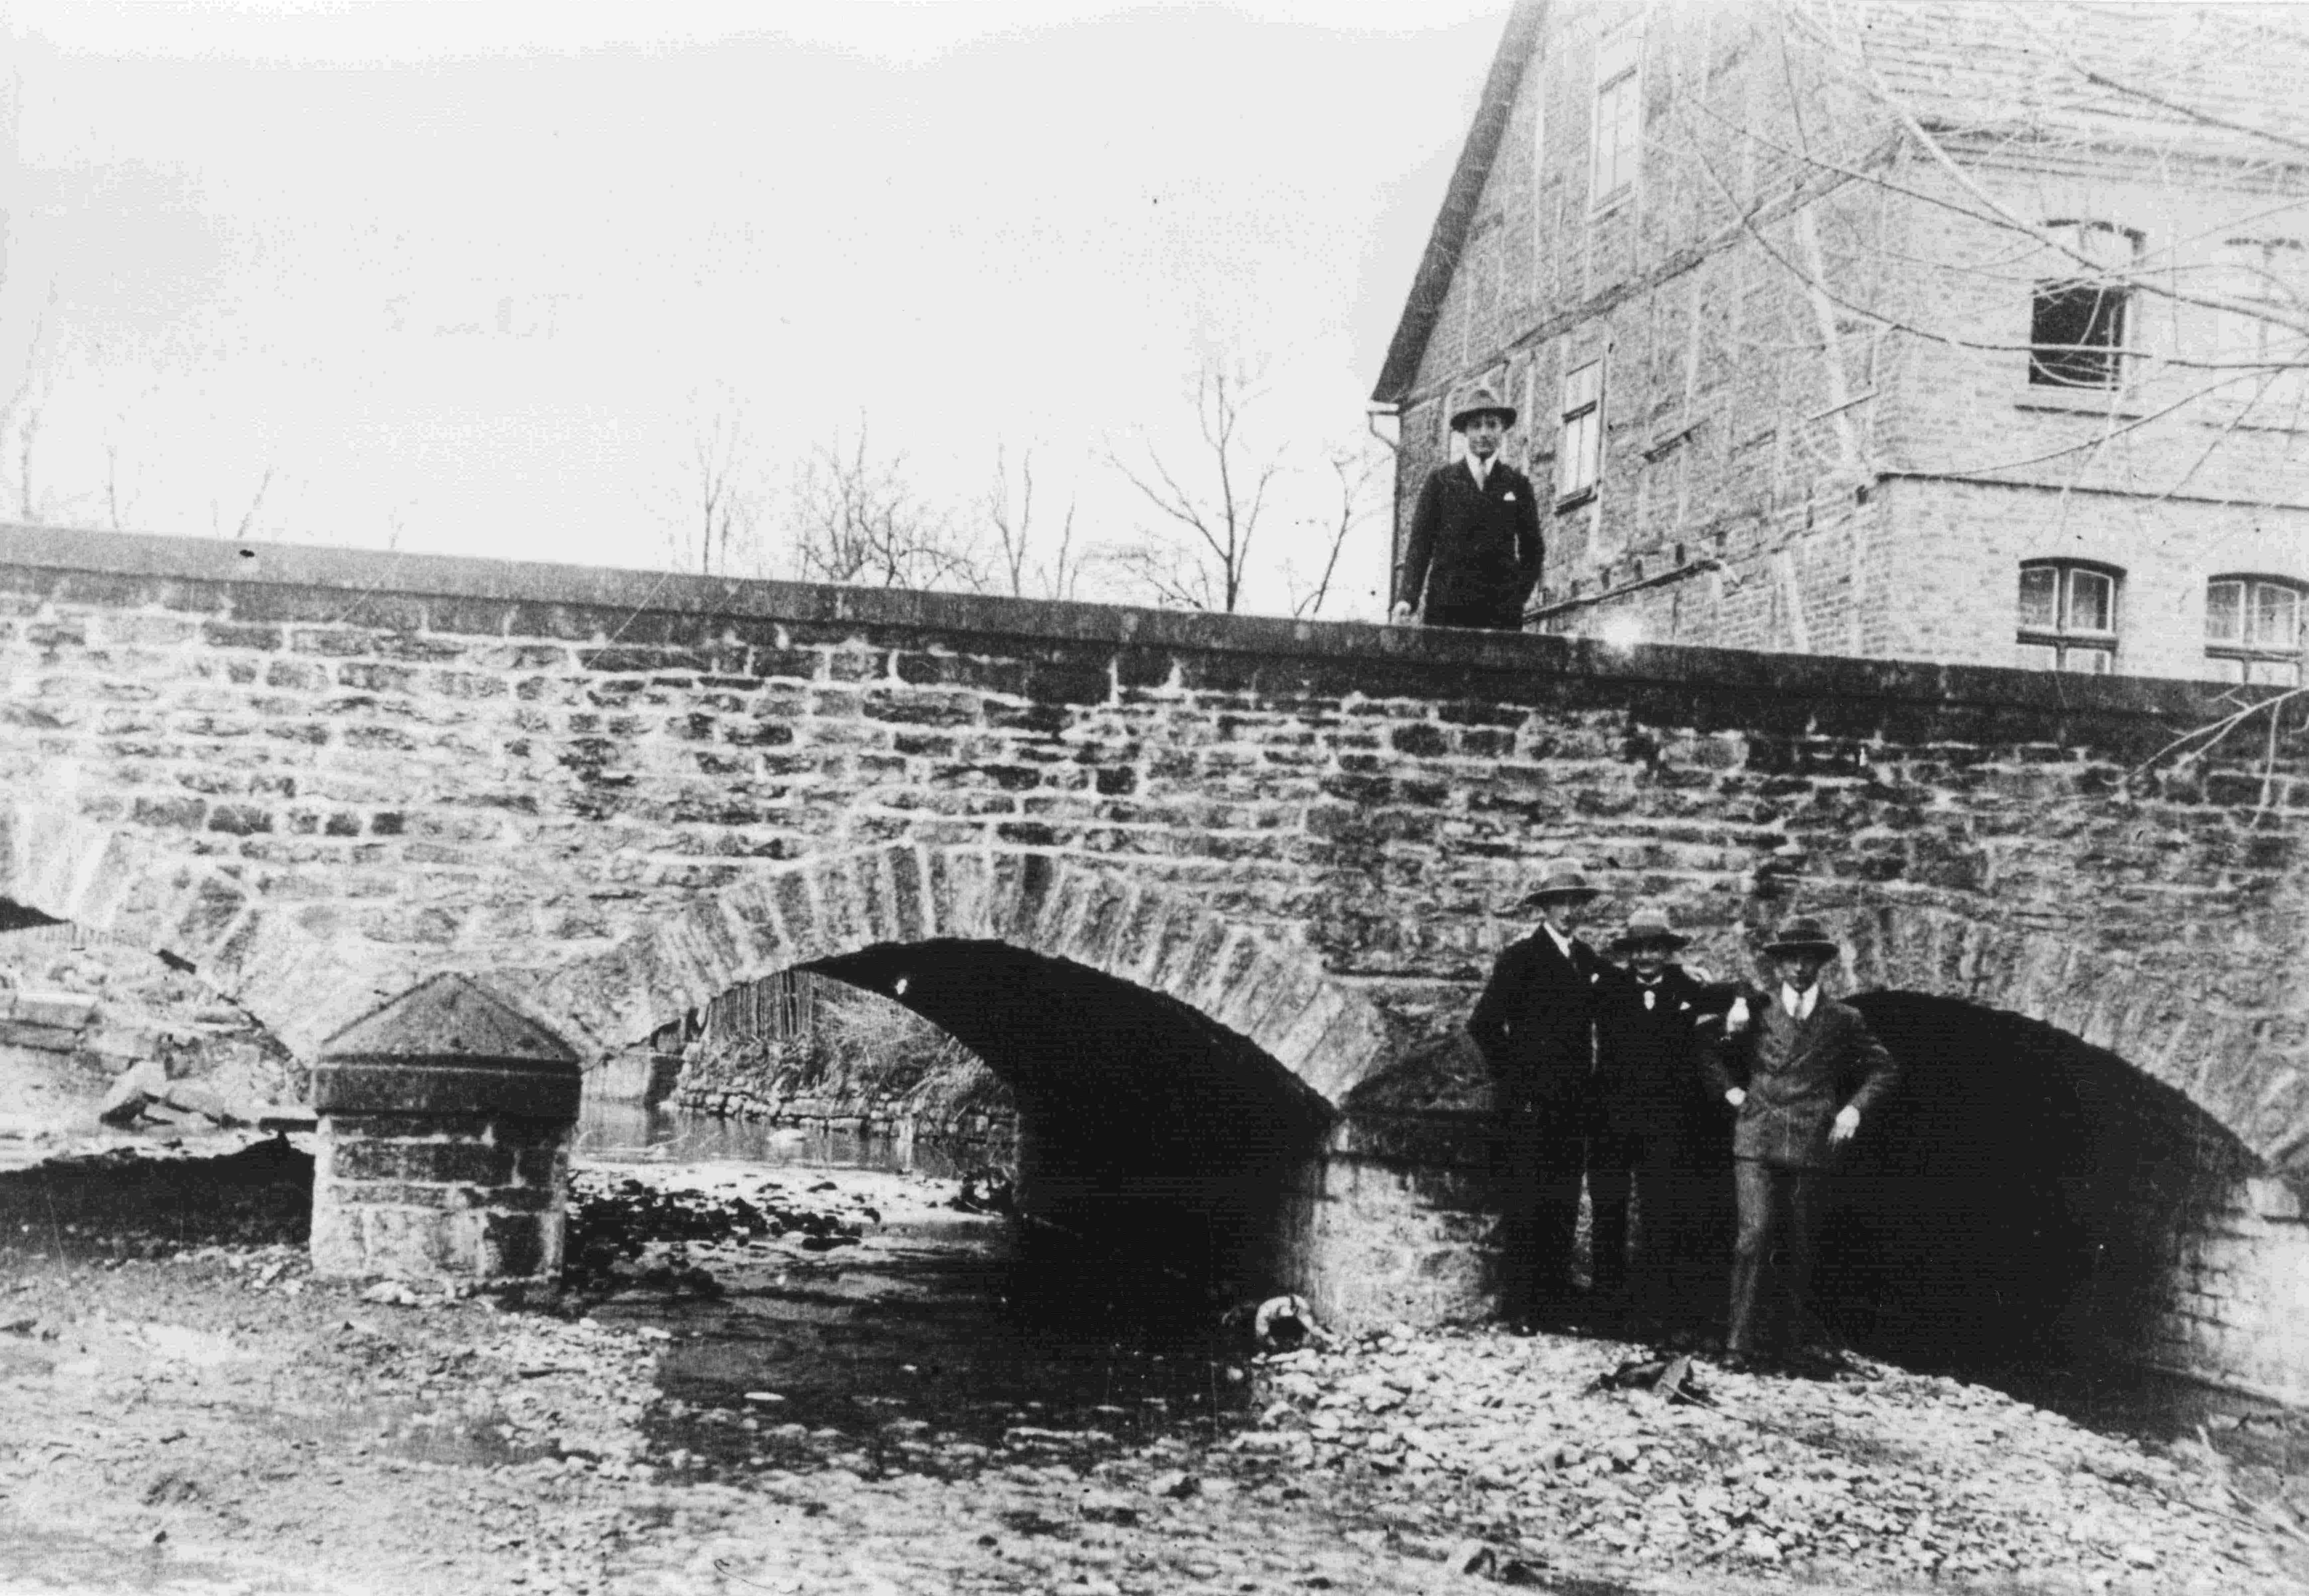 Saumerbrücke_von_1890_1975_abgebrochen